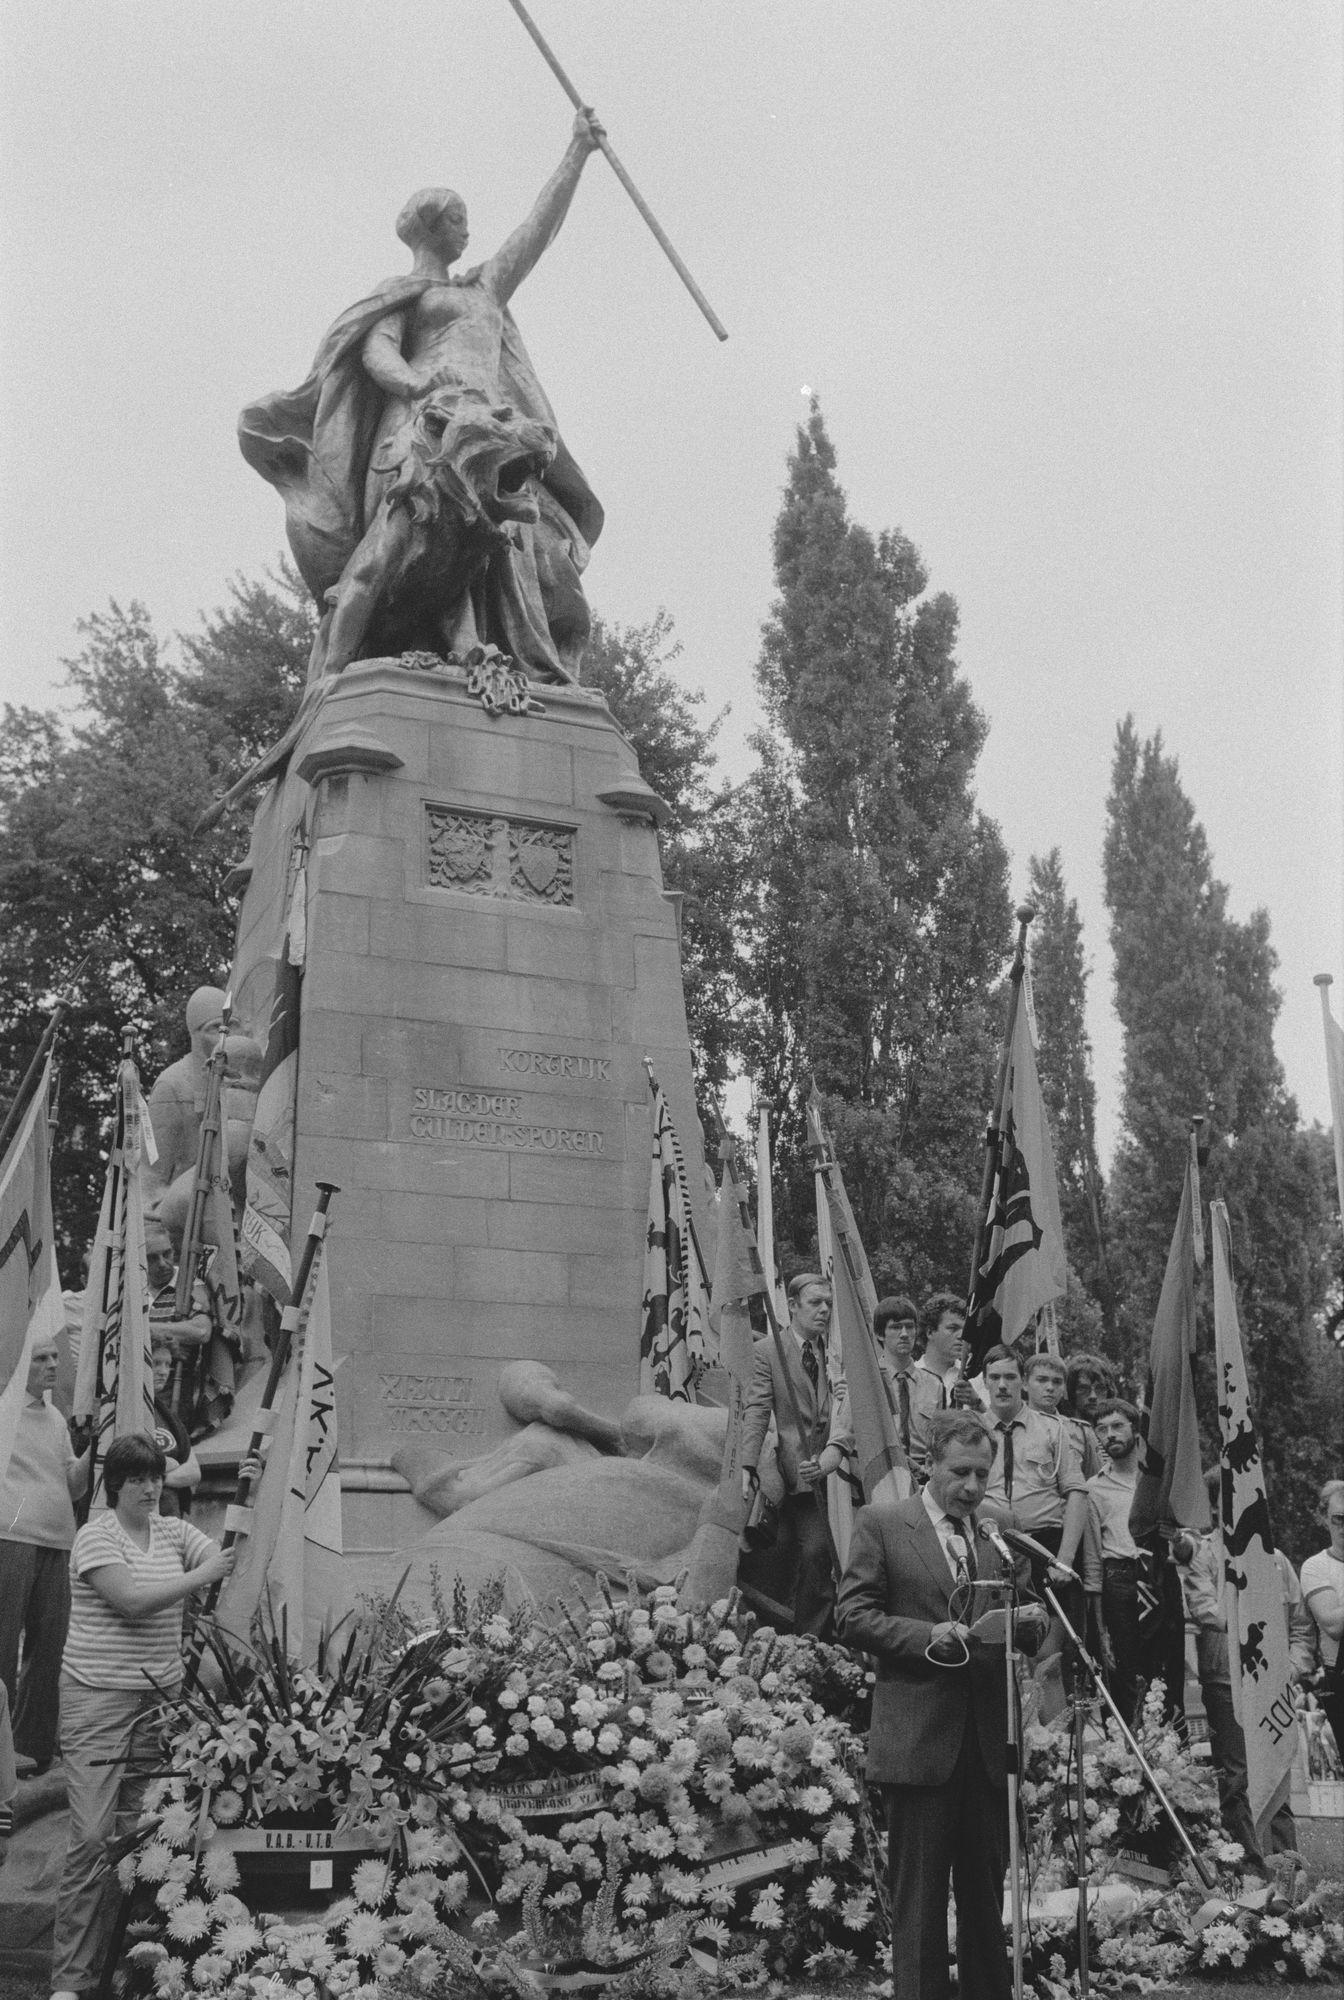 Toespraak tijdens de 11 juliviering 1982